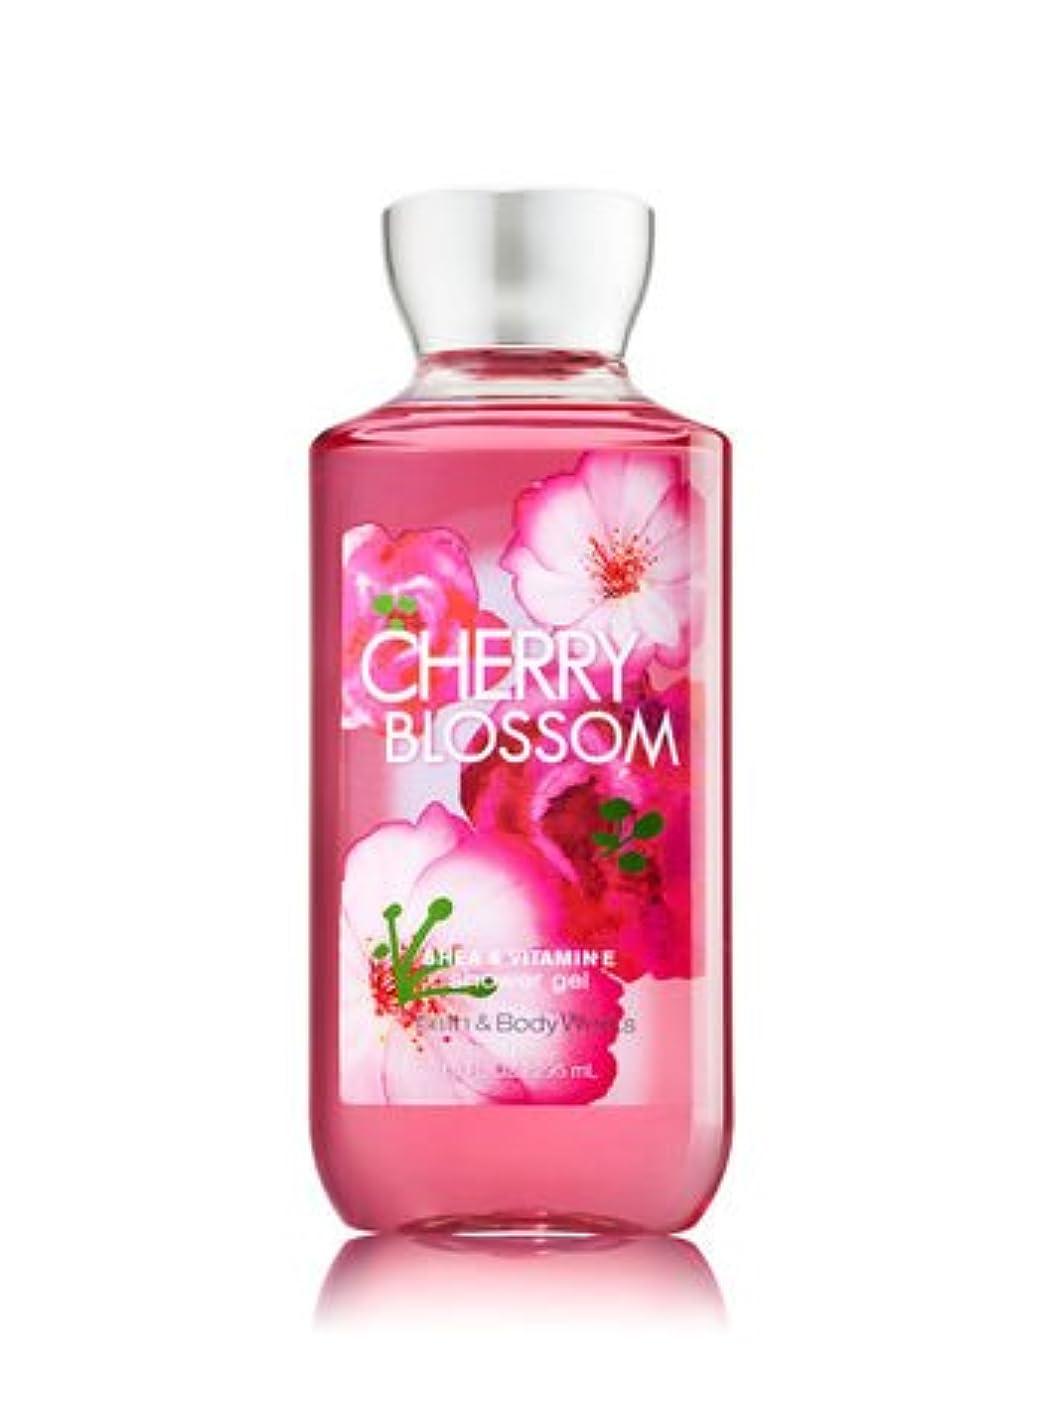 アッパーアンタゴニスト群衆【Bath&Body Works/バス&ボディワークス】 シャワージェル チェリーブロッサム Shower Gel Cherry Blossom 10 fl oz / 295 mL [並行輸入品]